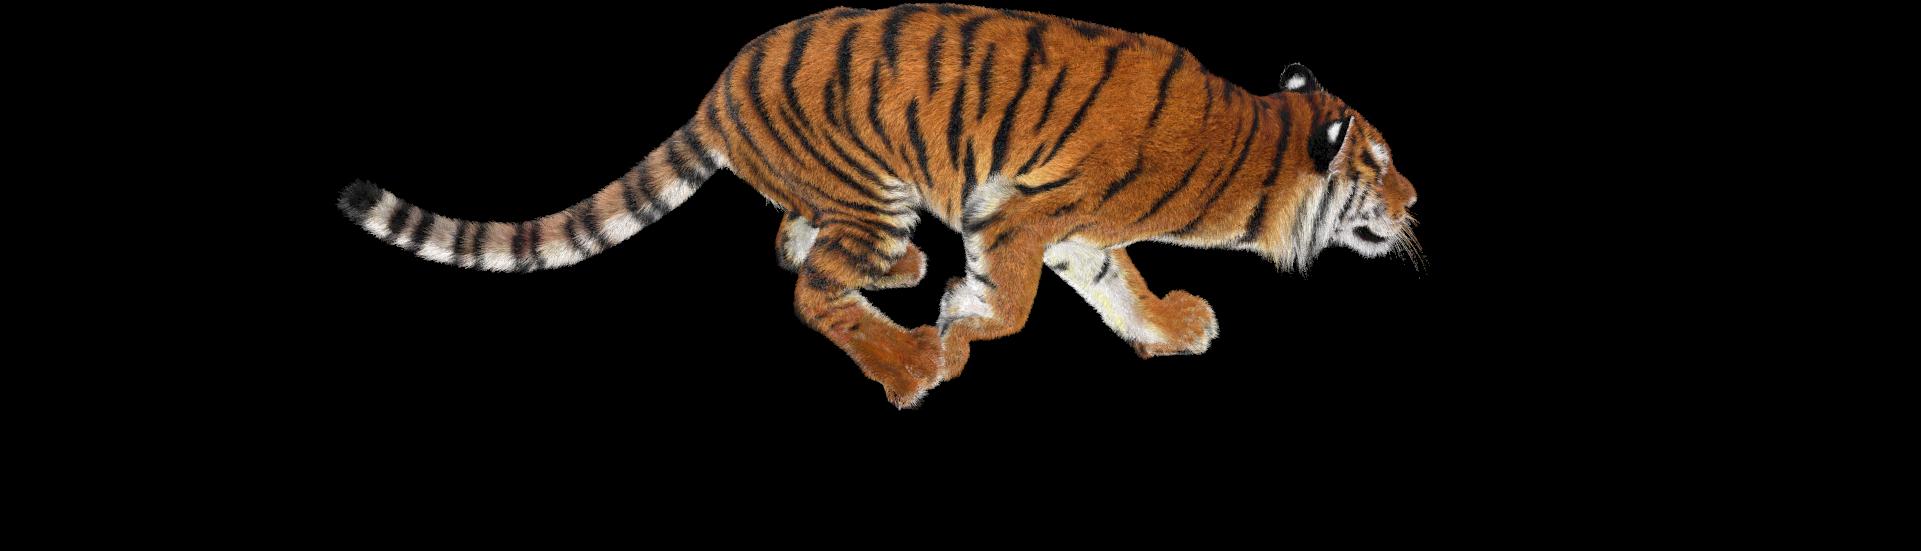 логово тигров фон композиция барной